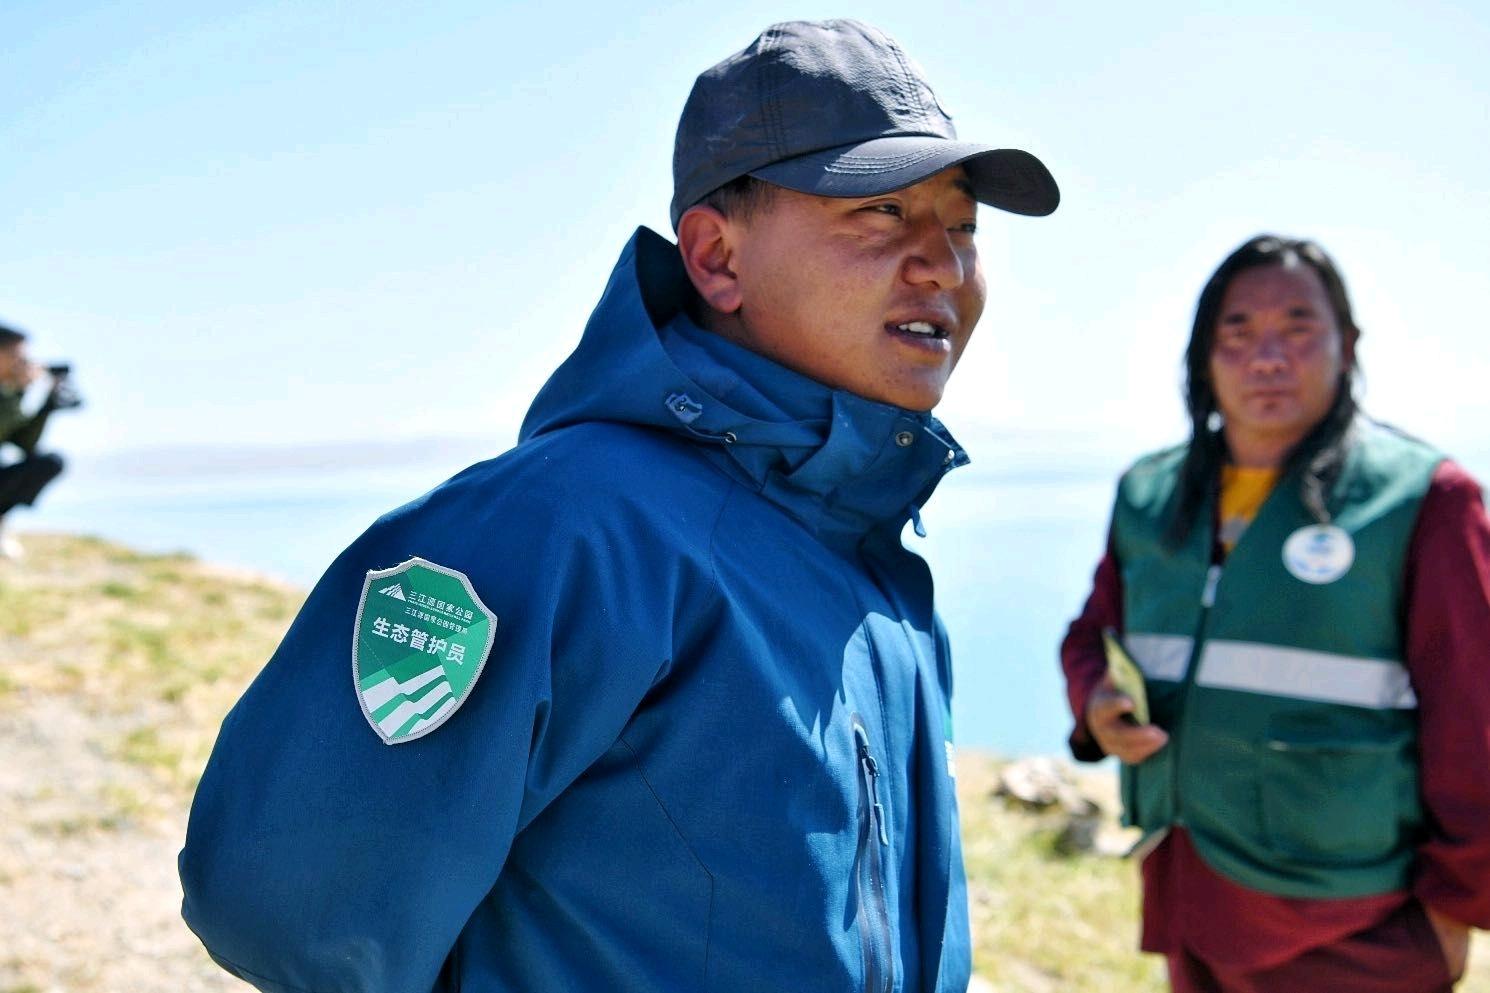 玛多县设置了3042名河湖管护员,对河流、湖泊周边环境进行巡护。